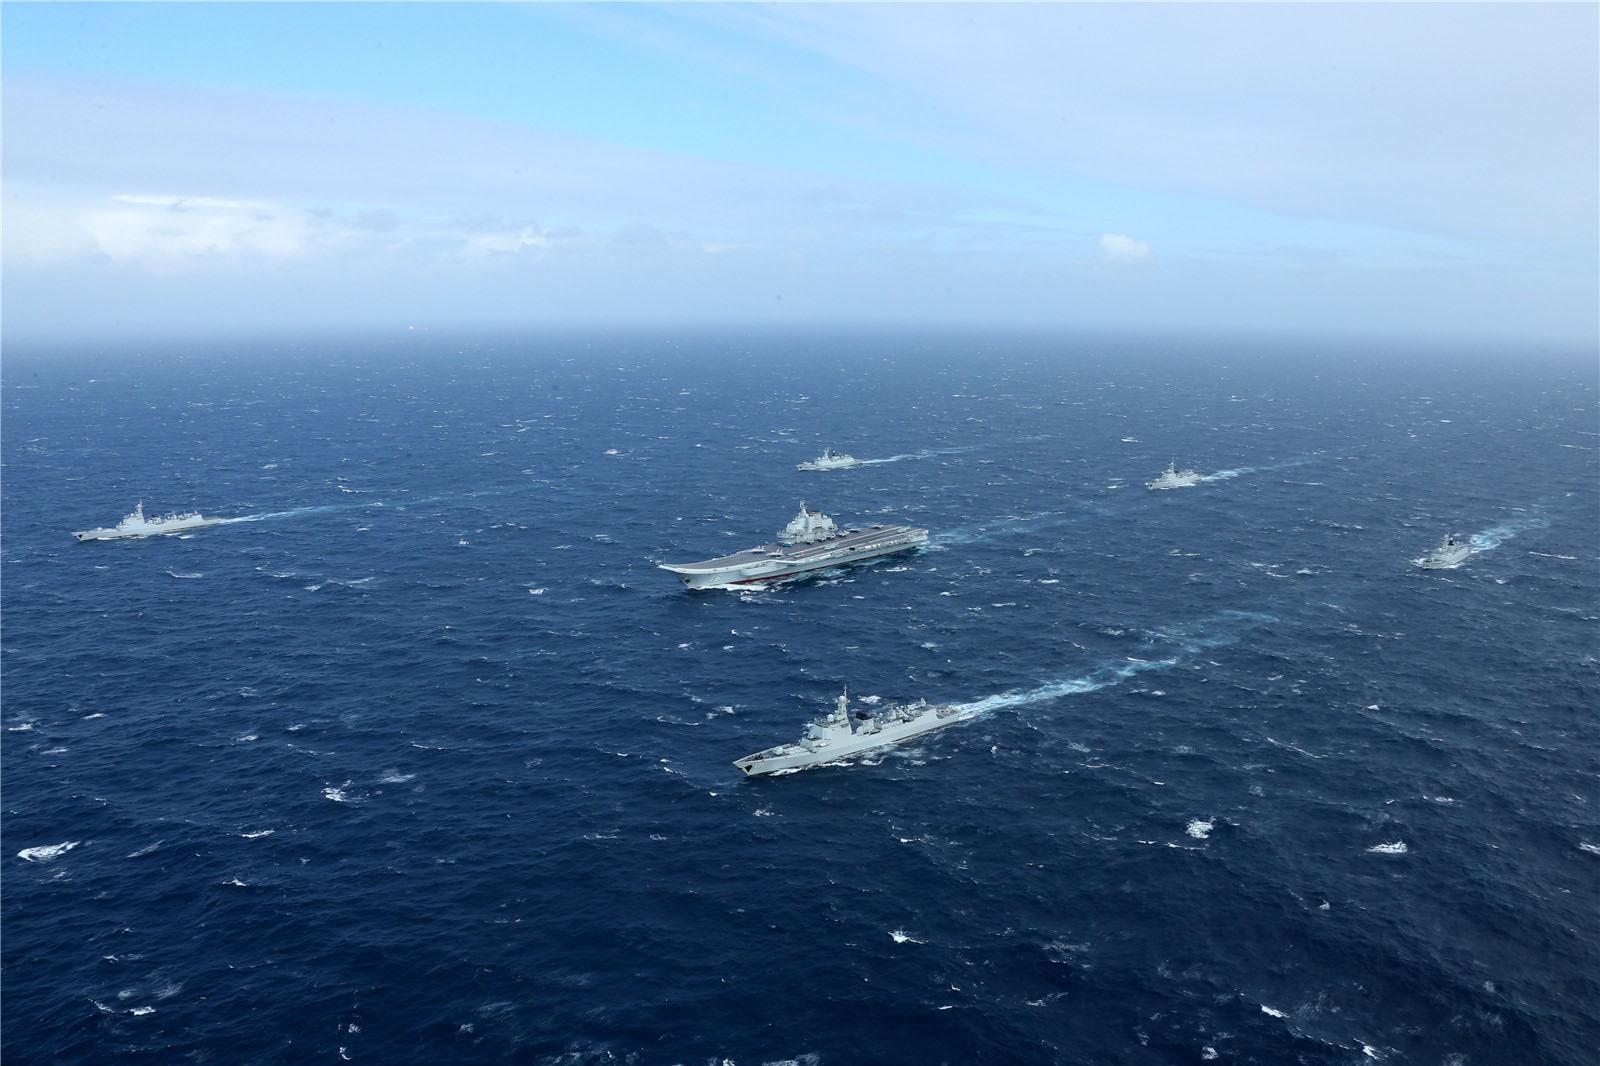 杜特尔特邀中国参与菲南部海域巡逻:维护航运安全